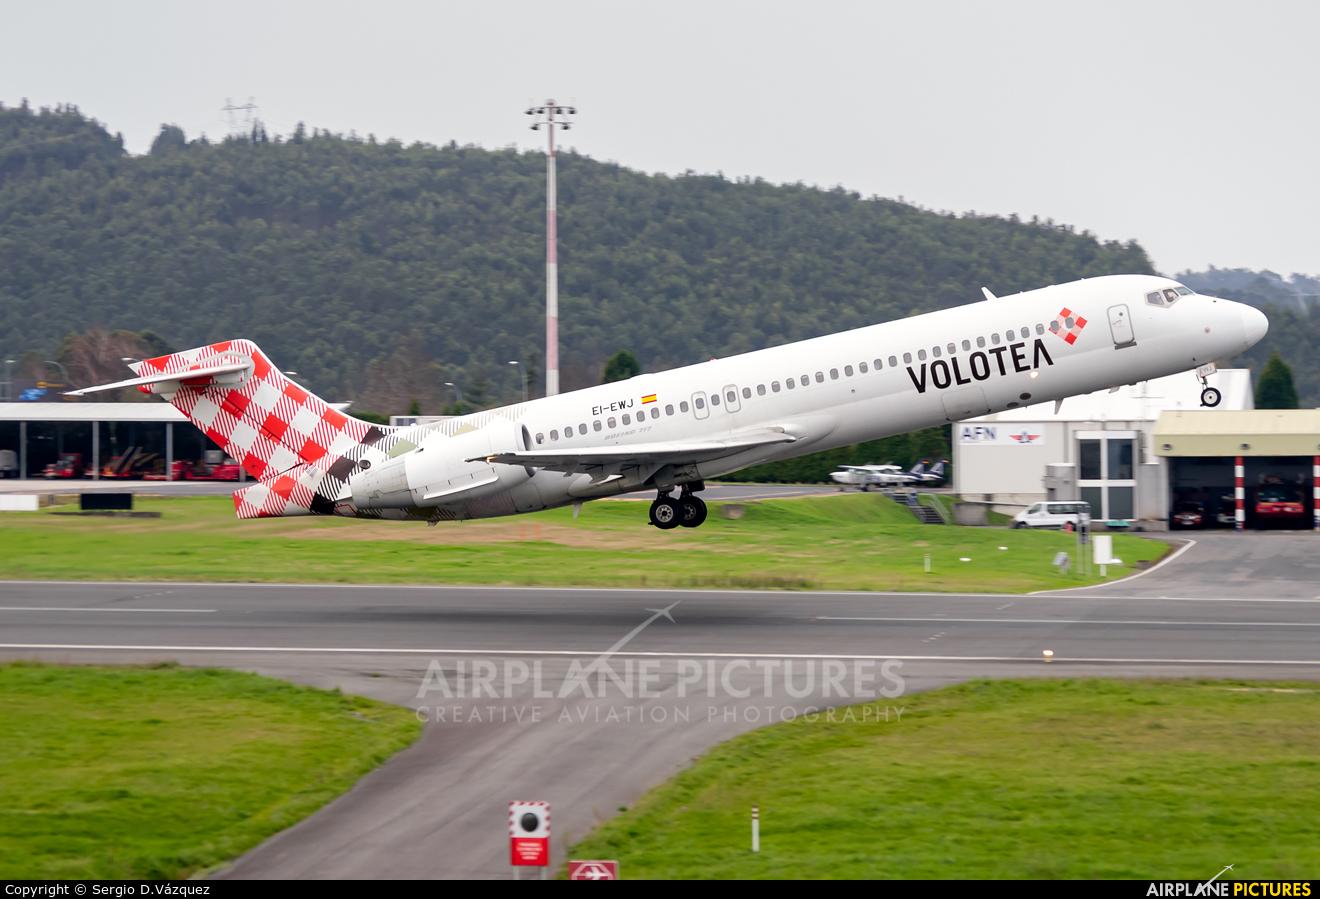 Volotea Airlines EI-EWJ aircraft at La Coruña